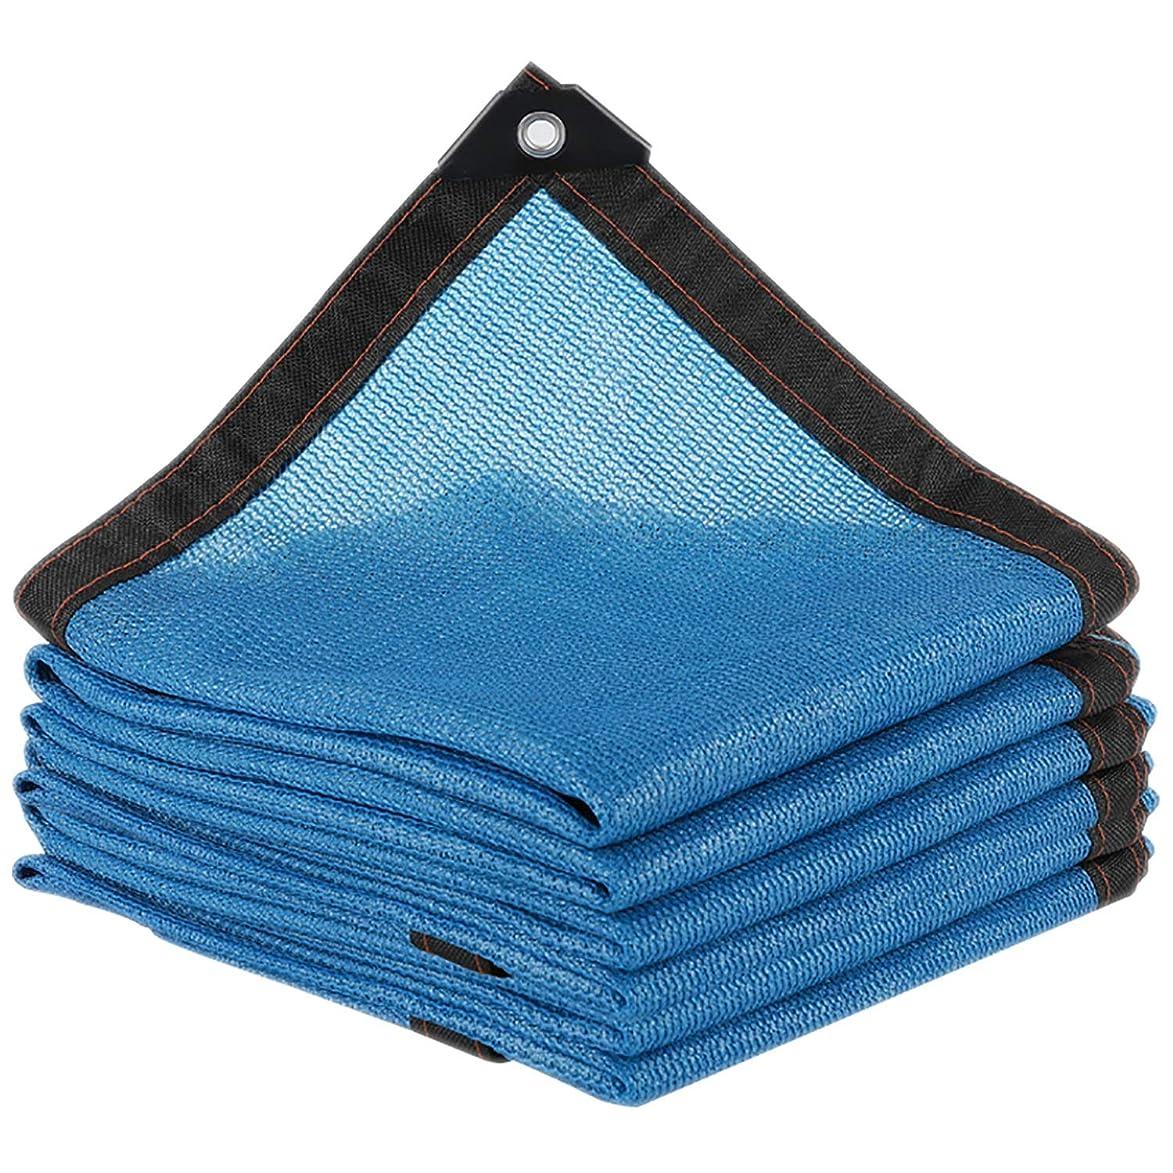 謎めいたデュアルライターサンシェード?シェルター グロメット付き85%日焼け止めシェード布、パーゴラキャノピー日焼け止めブロック生地軽量紫外線耐性ネット用ガーデンカバー (Color : Blue, Size : 19.8x23.1ft/6x7m)